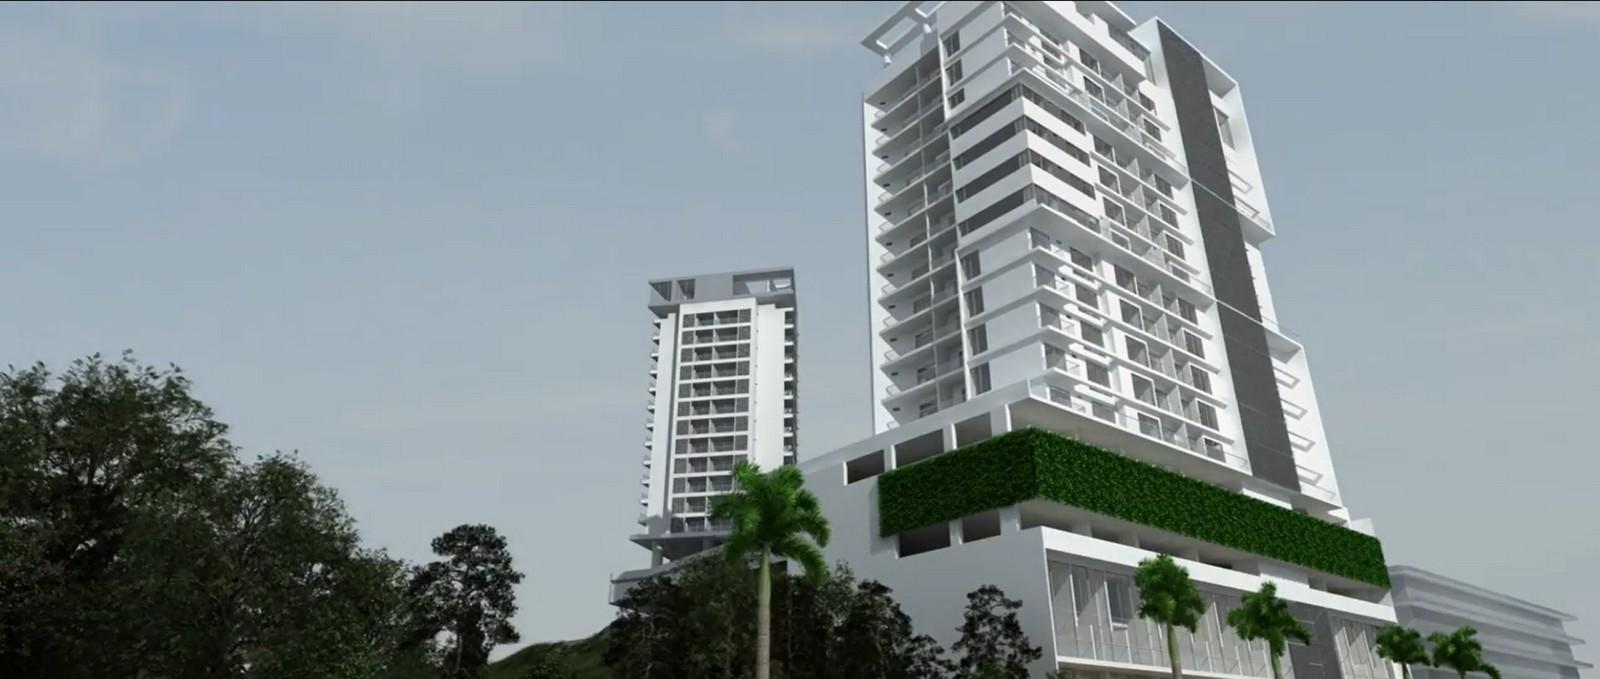 Ambar Roca, Proyecto sobre planos Apartamentos de una, dos y tres alcobas